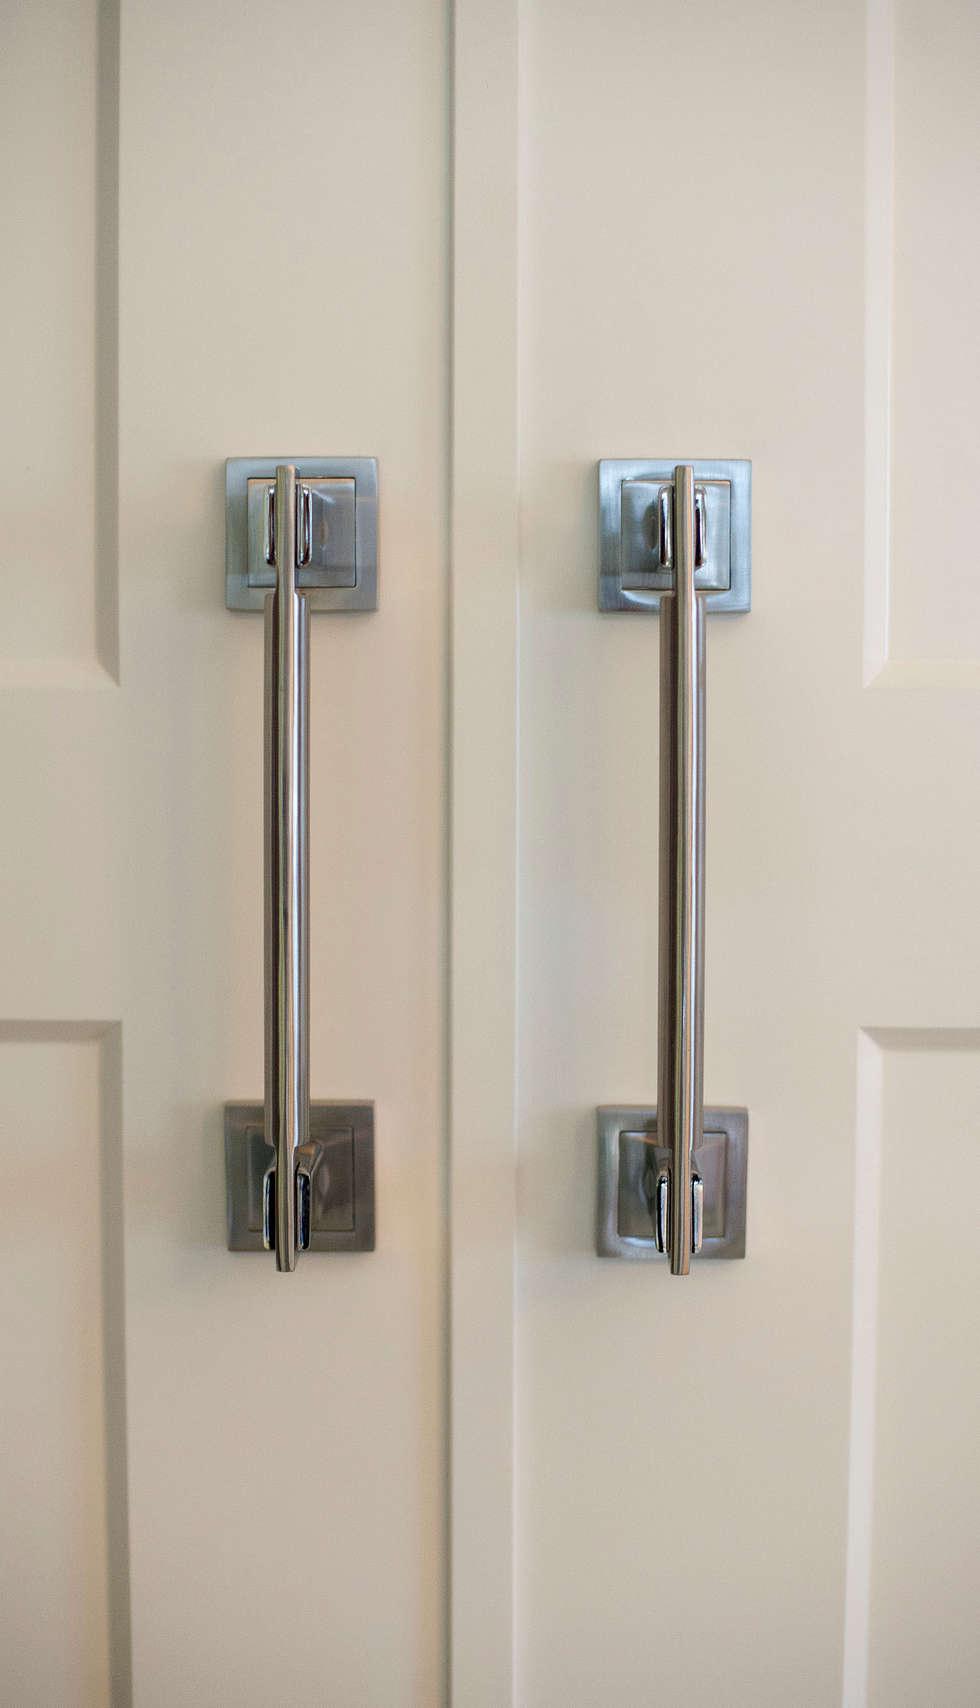 Fotos de decoraci n y dise o de interiores homify - Manillones puertas correderas ...